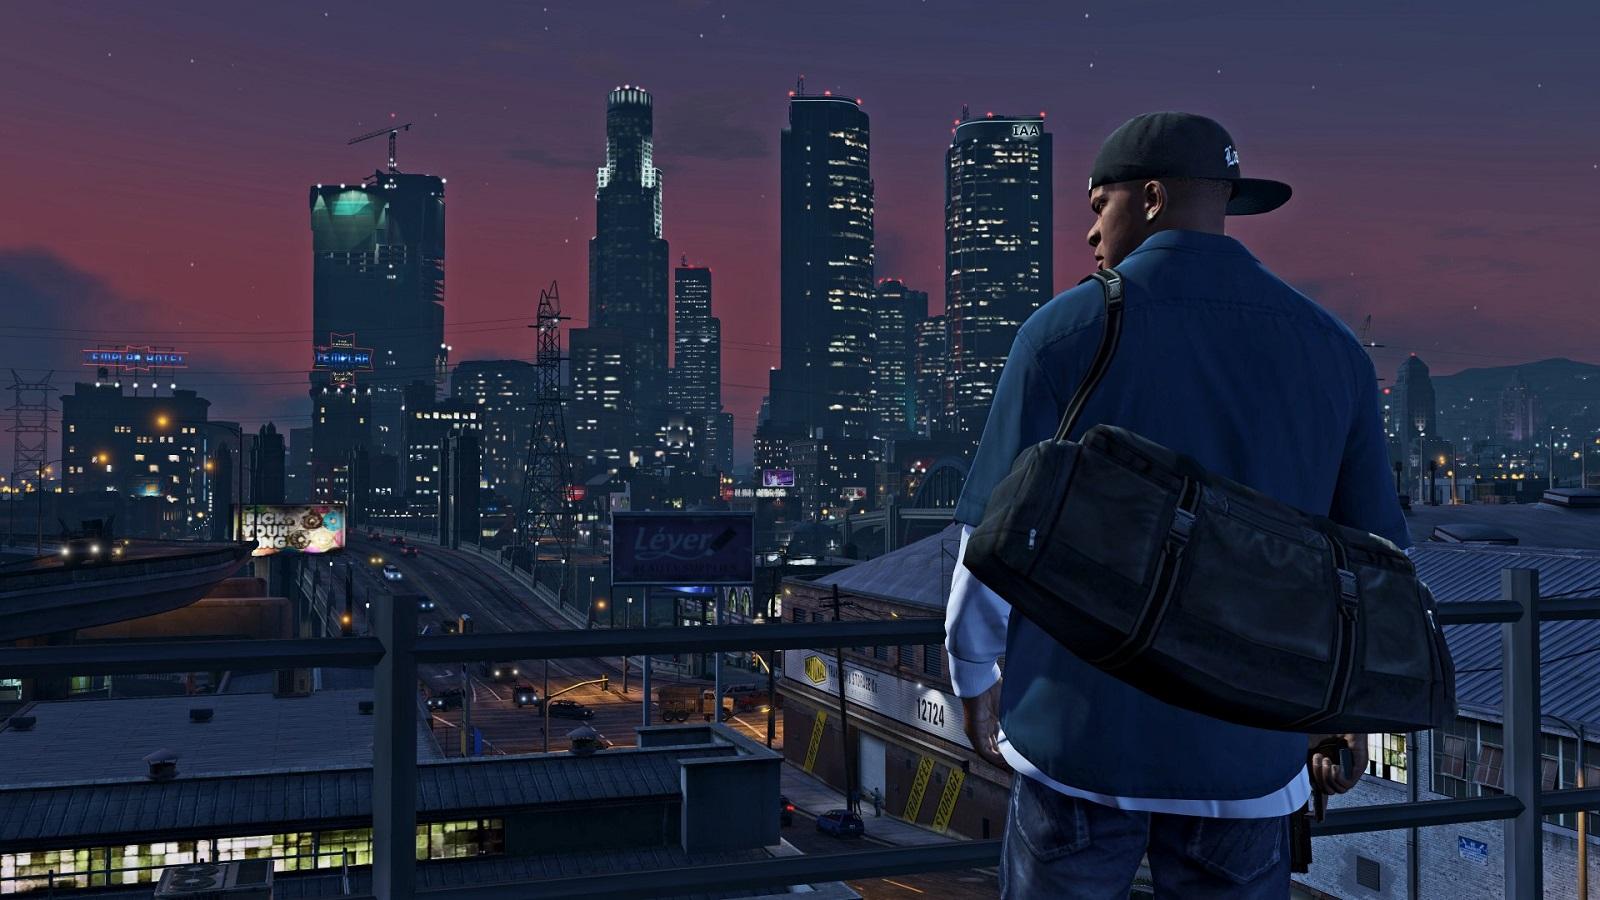 По словам инсайдера, большинство слухов о GTA 6 — ложные